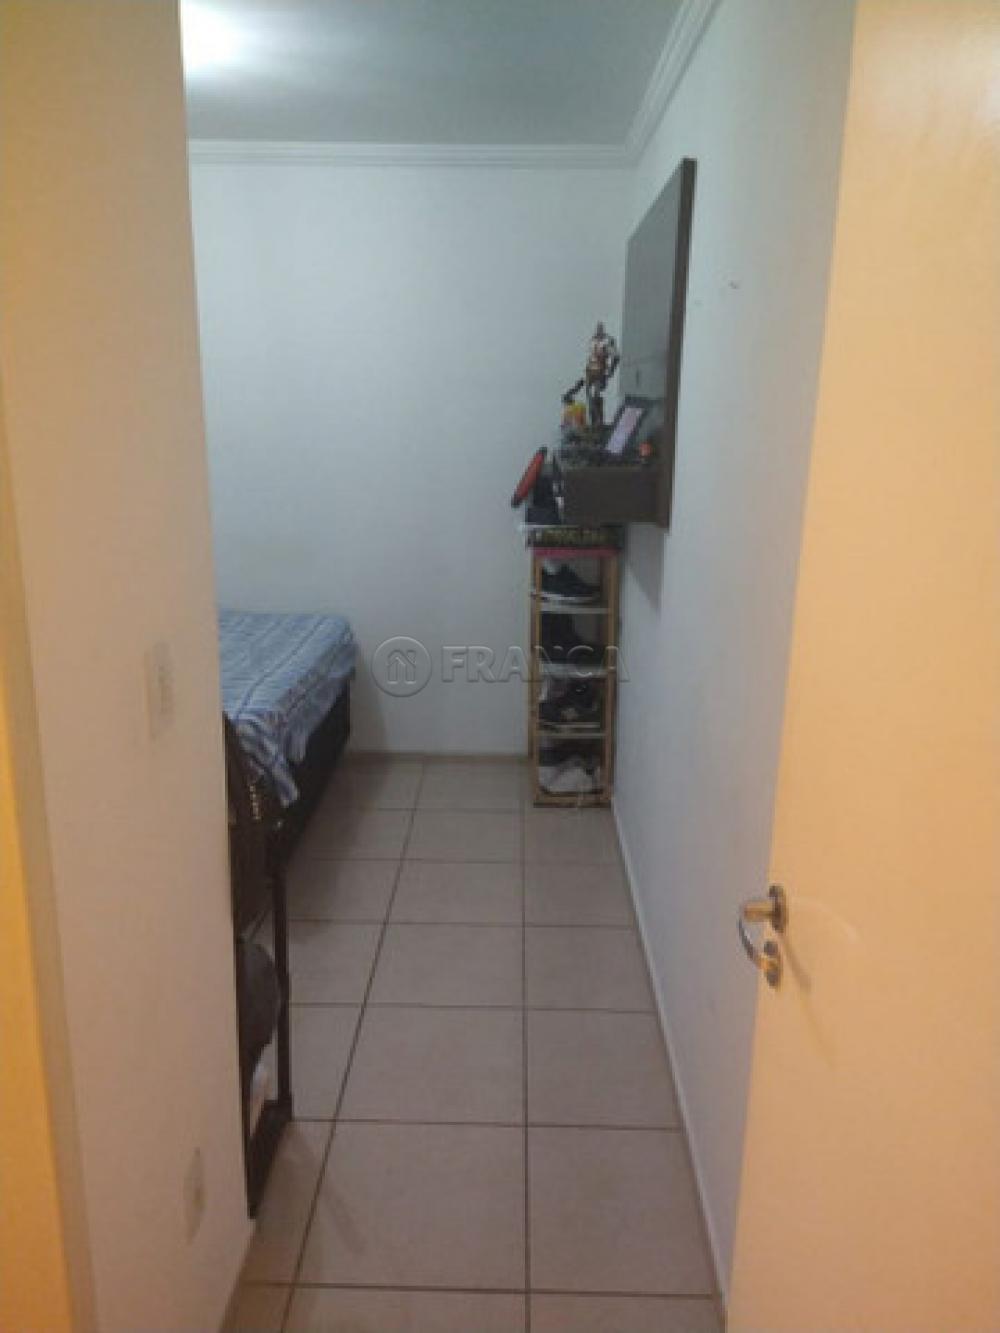 Comprar Apartamento / Padrão em São José dos Campos apenas R$ 160.000,00 - Foto 6